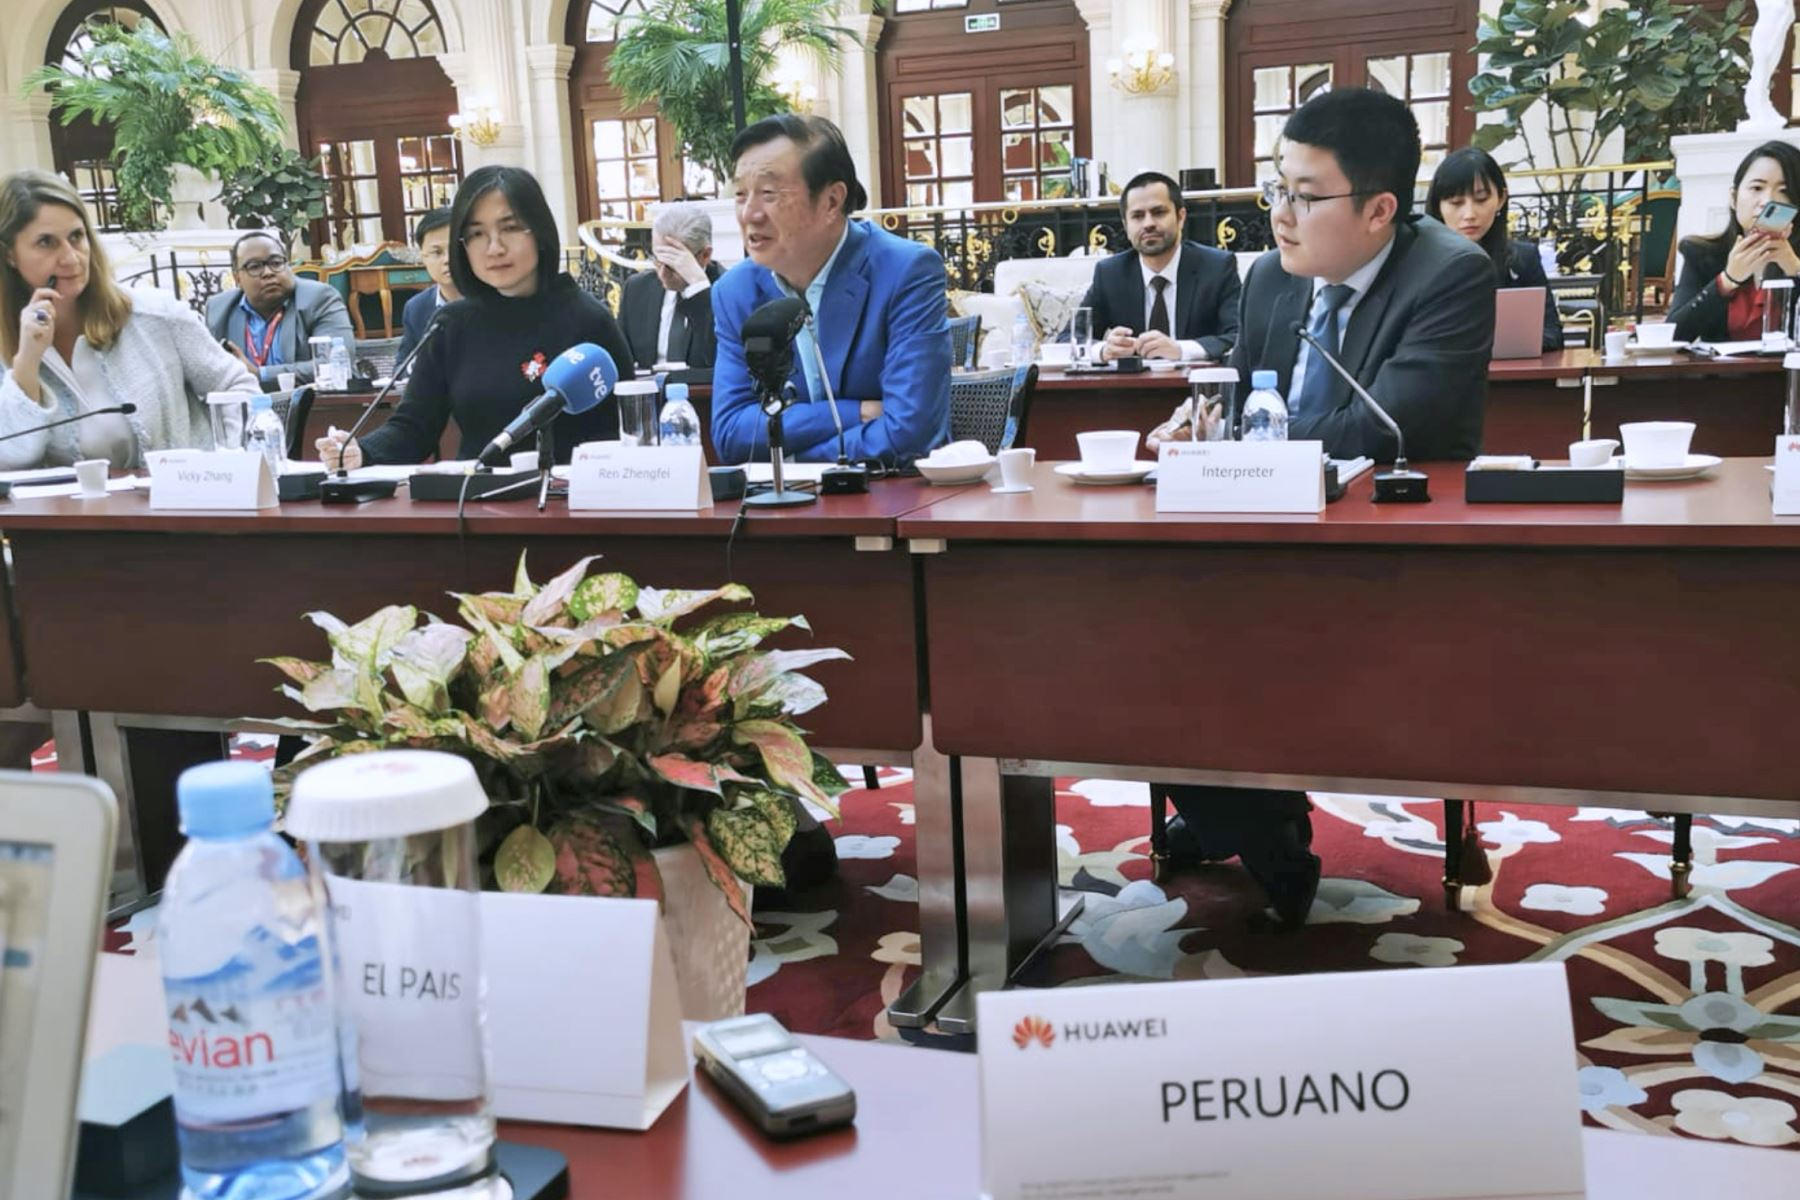 Conferencia de prensa  del fundador y CEO del gigante multinacional Huawei, Ren Zhengfei en Shenzhen, China. Foto: ANDINA/ Rodolfo Espinal